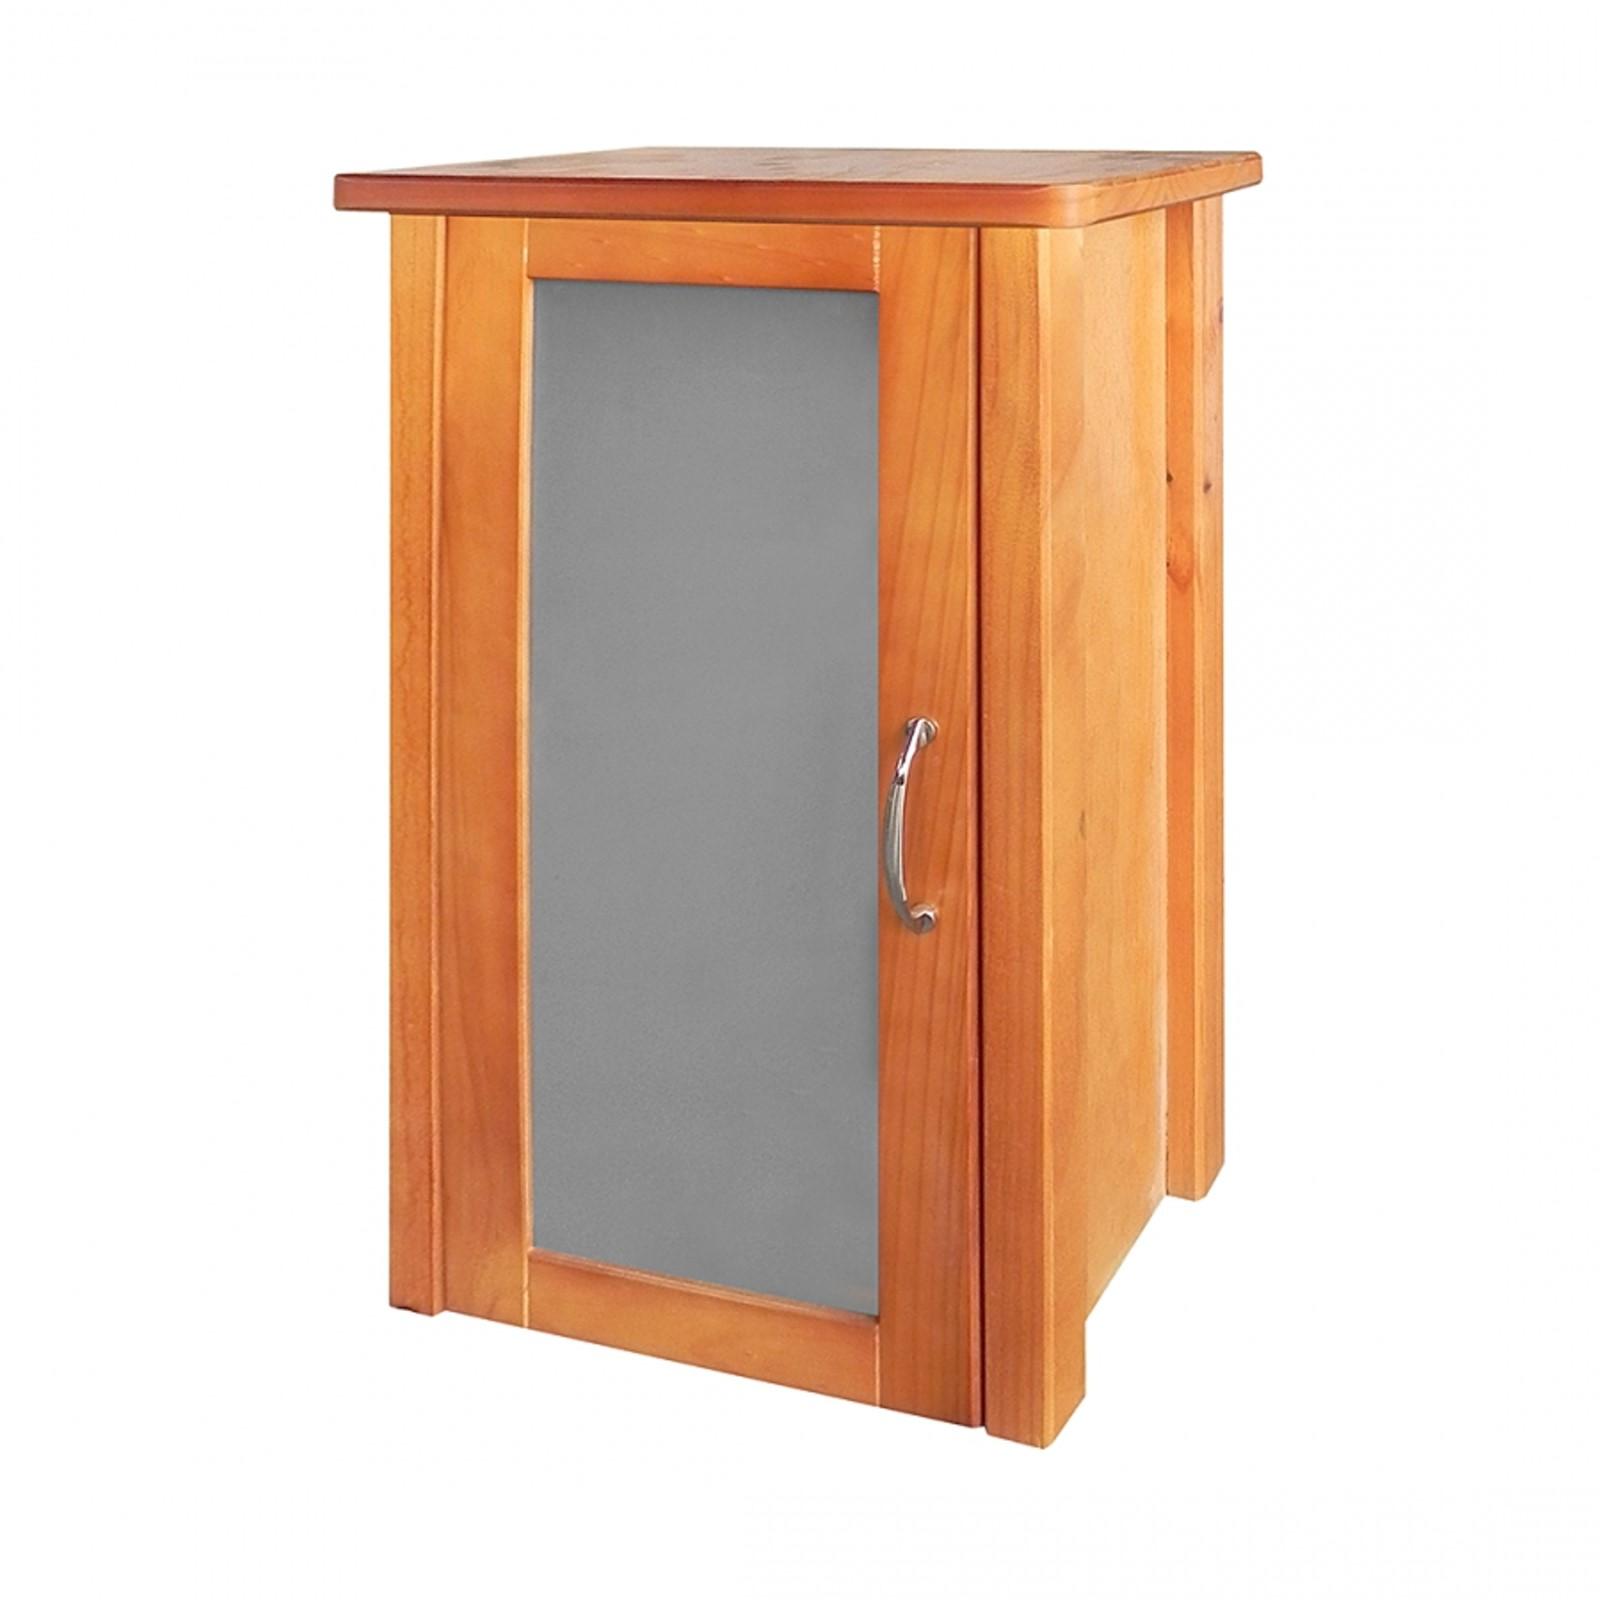 lars larson h ngeschrank mascella kiefer massiv honig schrank holz k chenschrank ebay. Black Bedroom Furniture Sets. Home Design Ideas